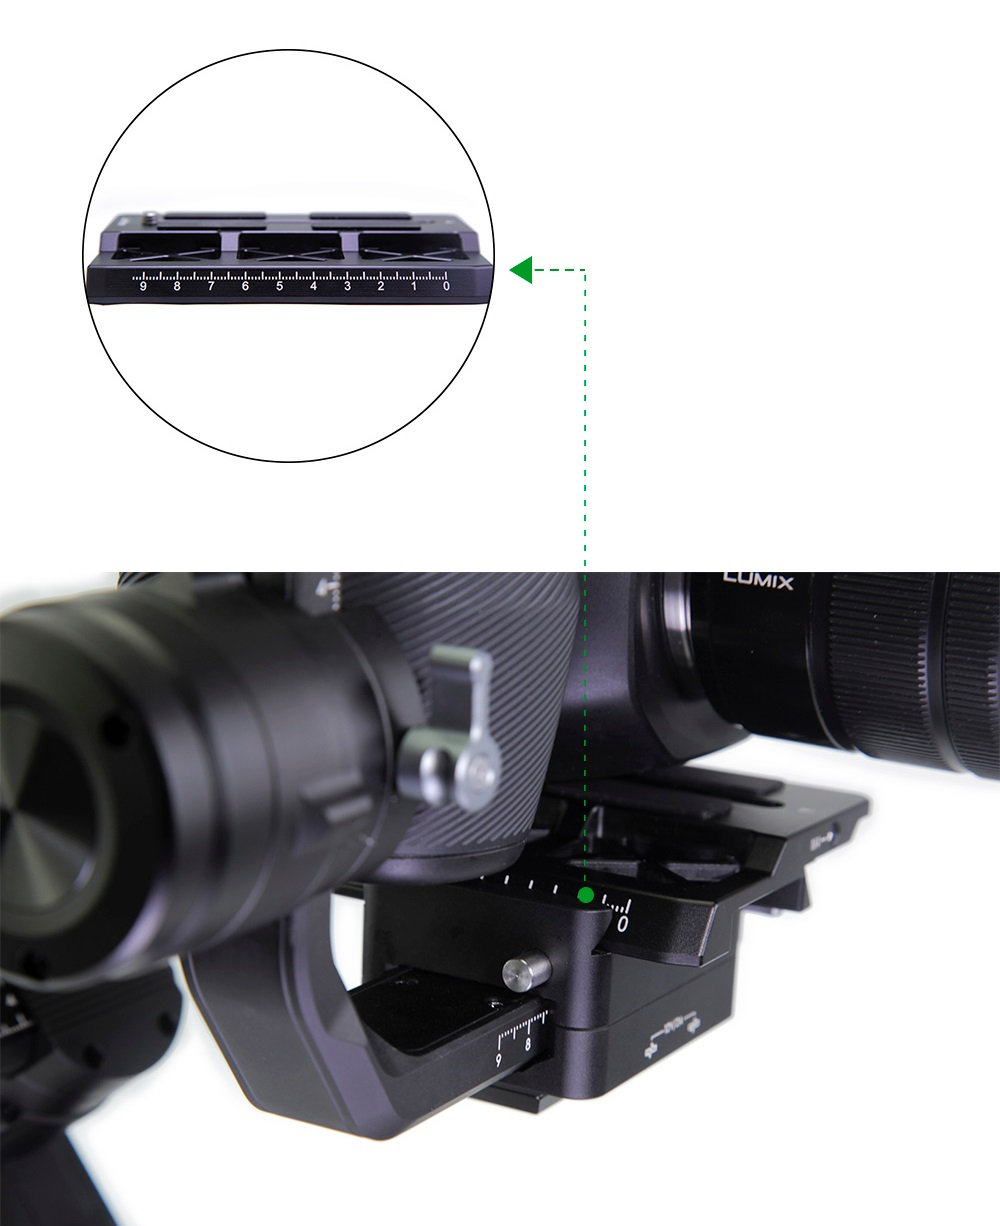 LanParte-09-OSP-RS-Offset-Camera-Plate-Ronin-S-BMPCC-4K-P%C5%82ytka-Monta%C5%BCowa.jpg